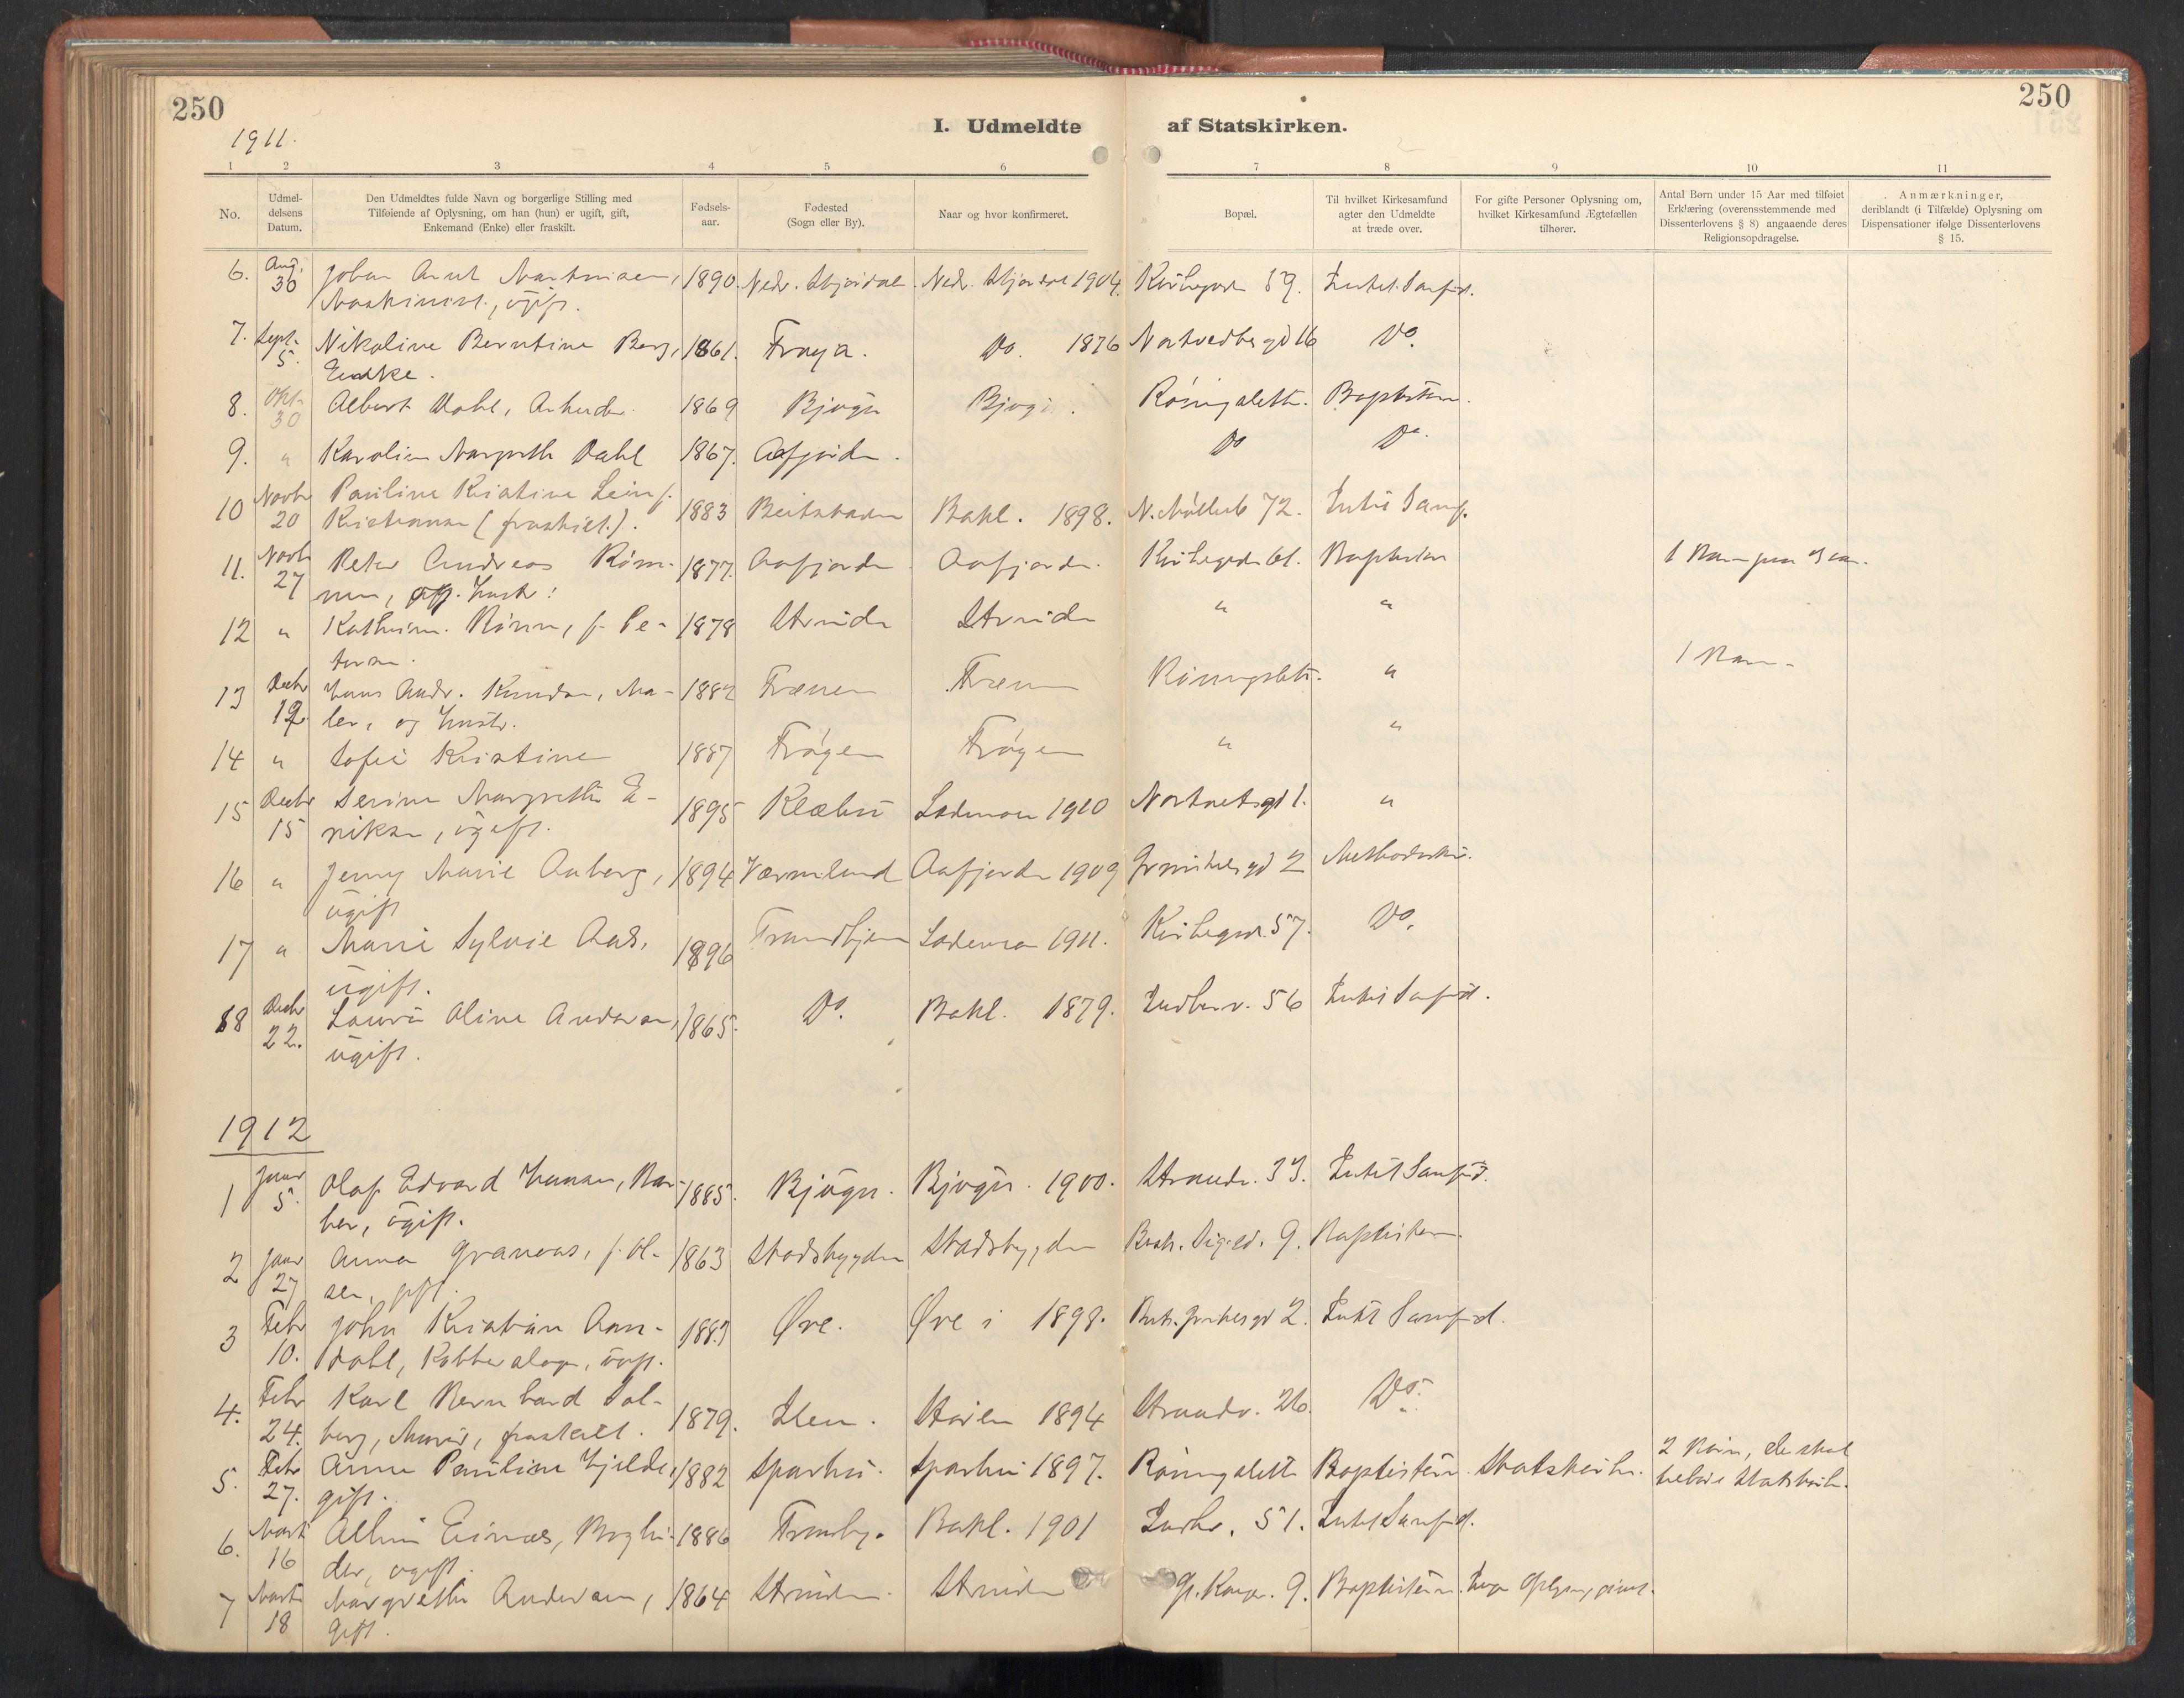 SAT, Ministerialprotokoller, klokkerbøker og fødselsregistre - Sør-Trøndelag, 605/L0244: Ministerialbok nr. 605A06, 1908-1954, s. 250